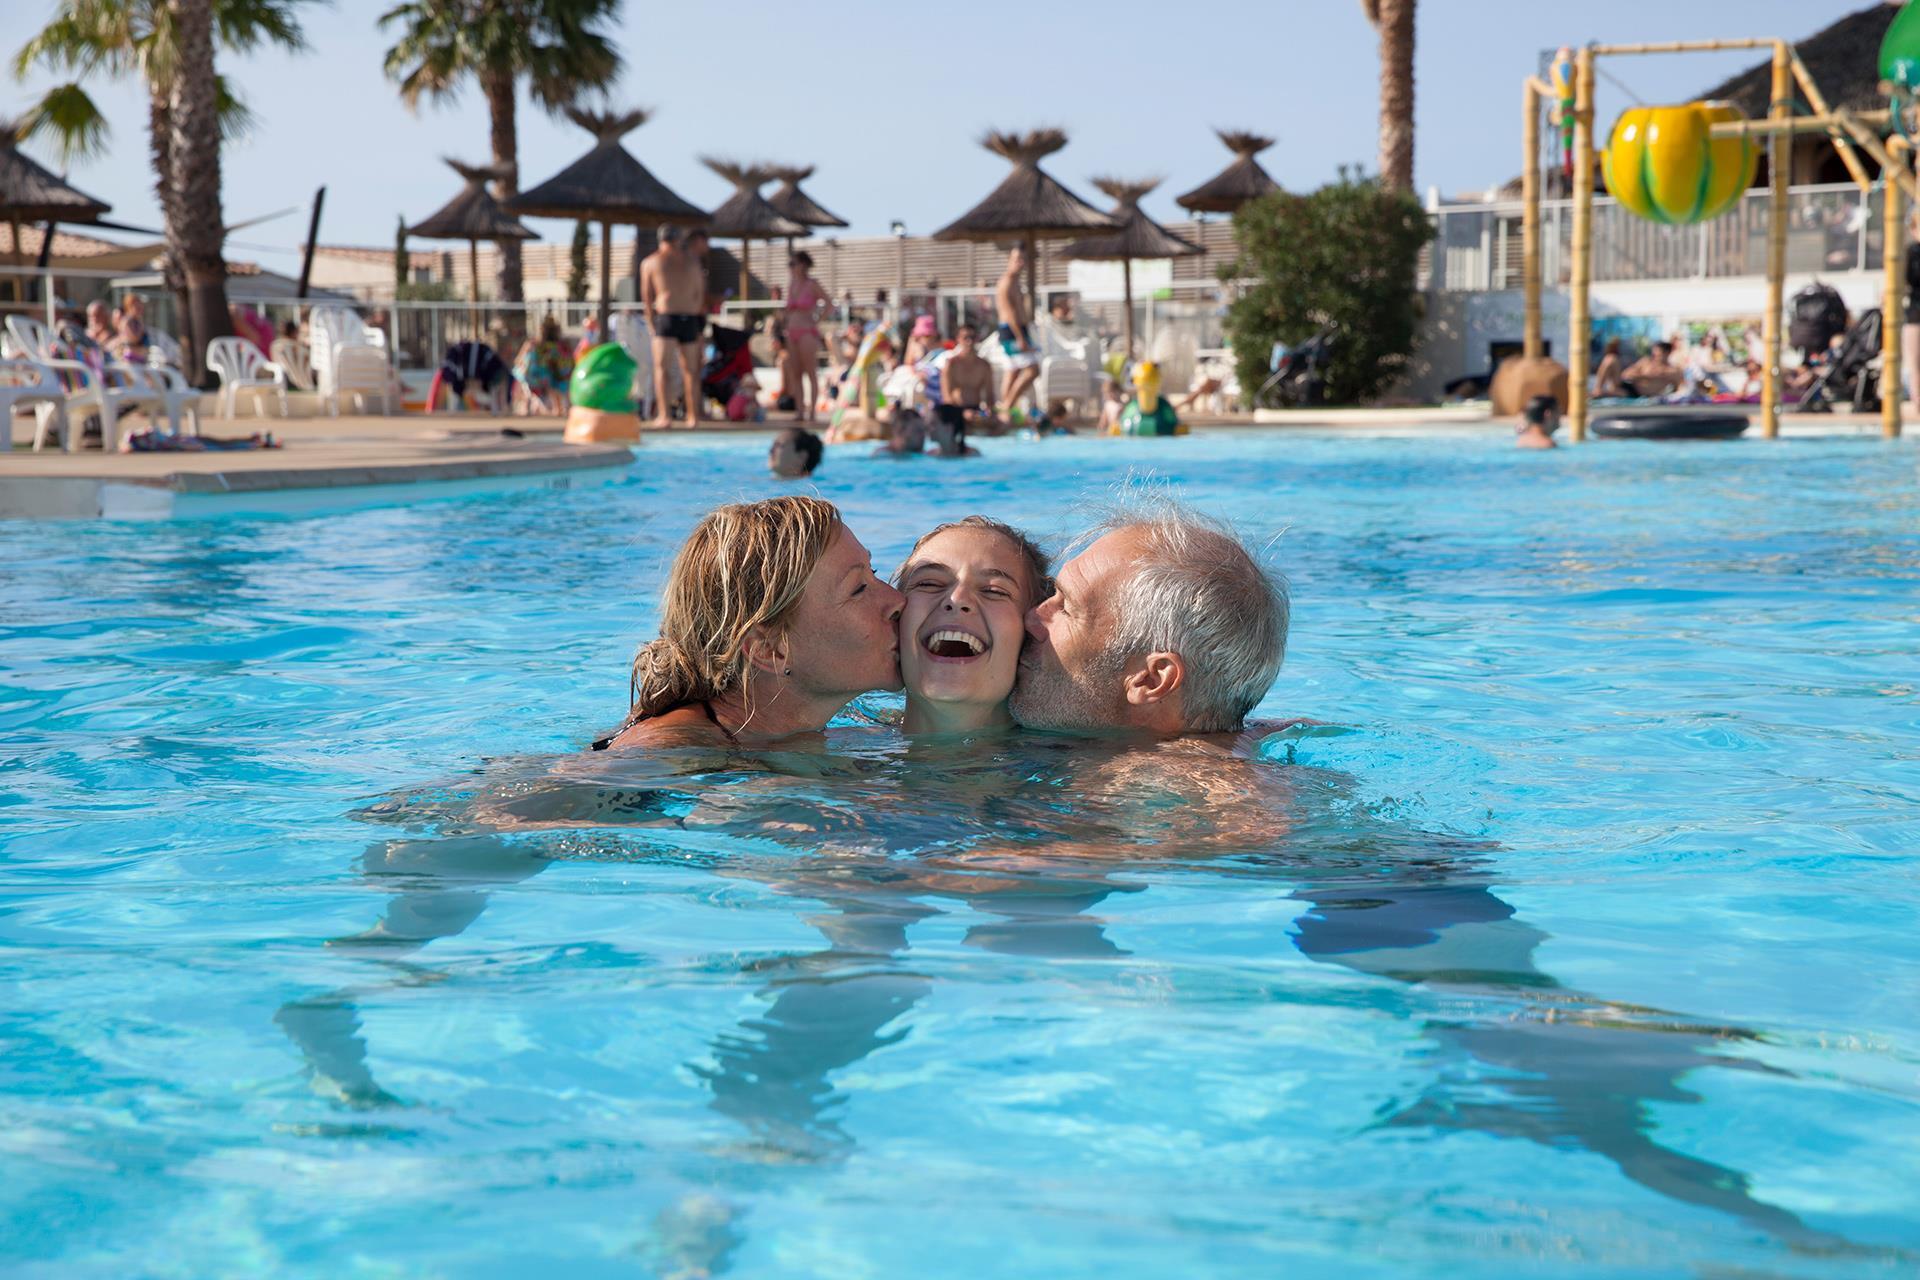 Zwembad familie zwembad paraplus palmbomen